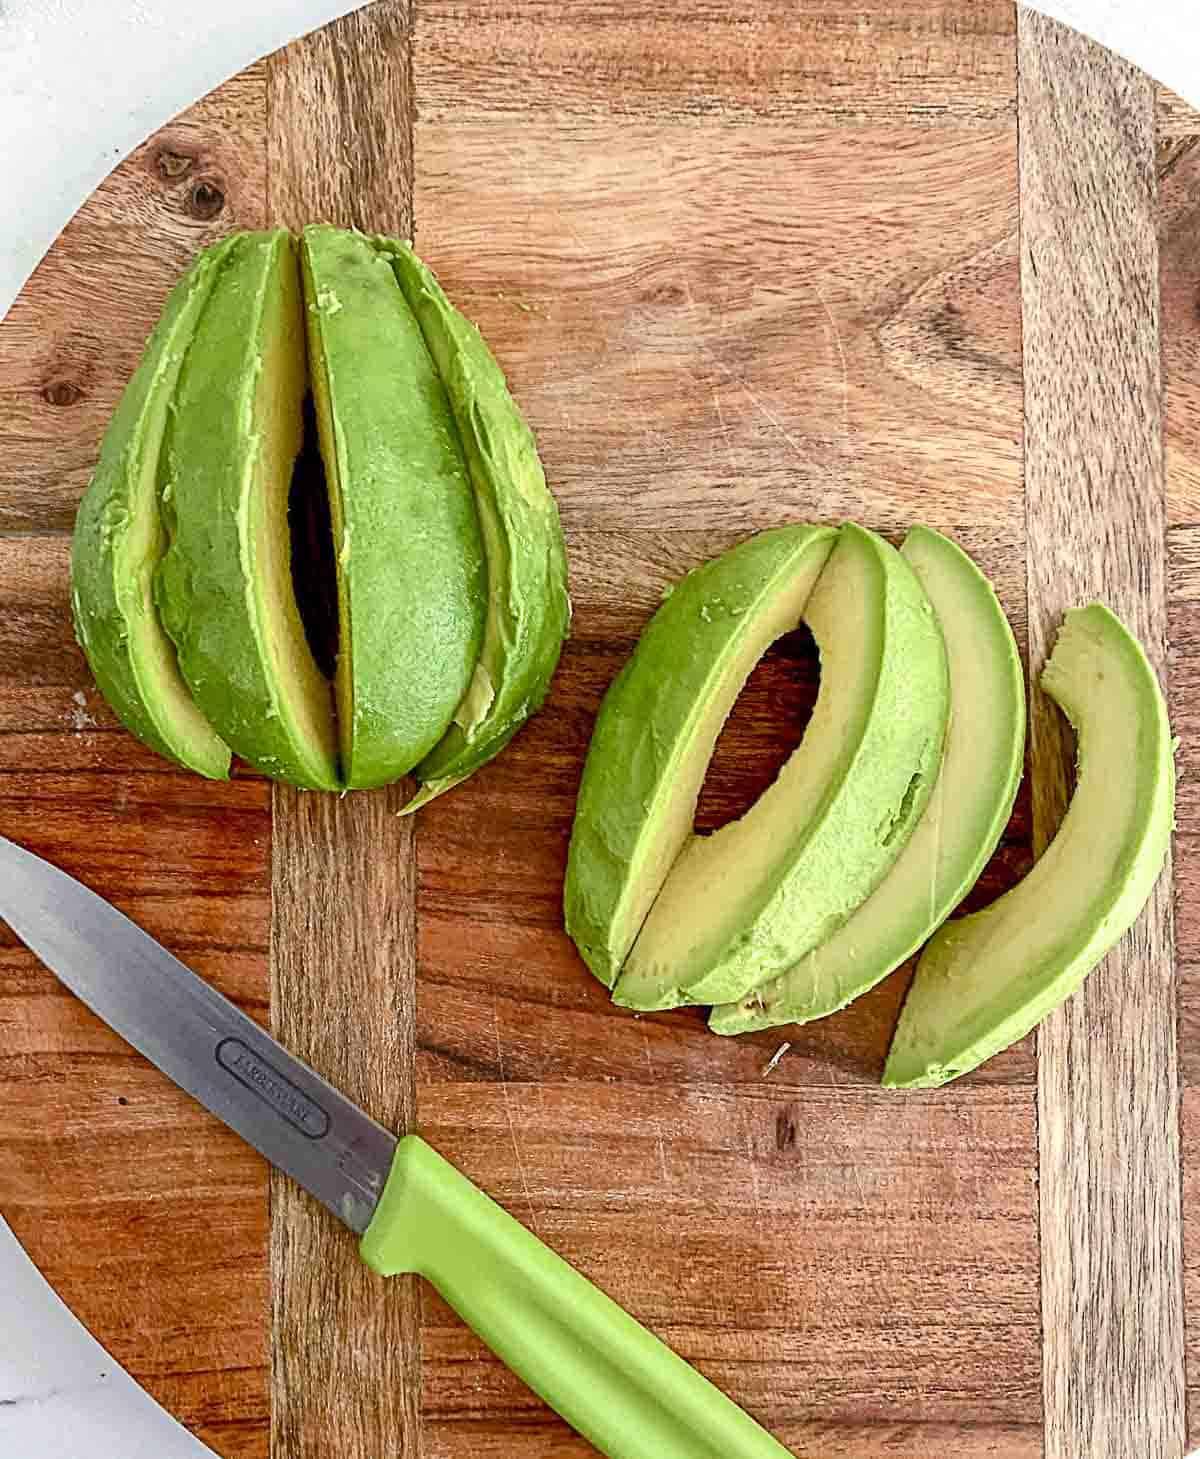 Avocado sliced on cutting board.